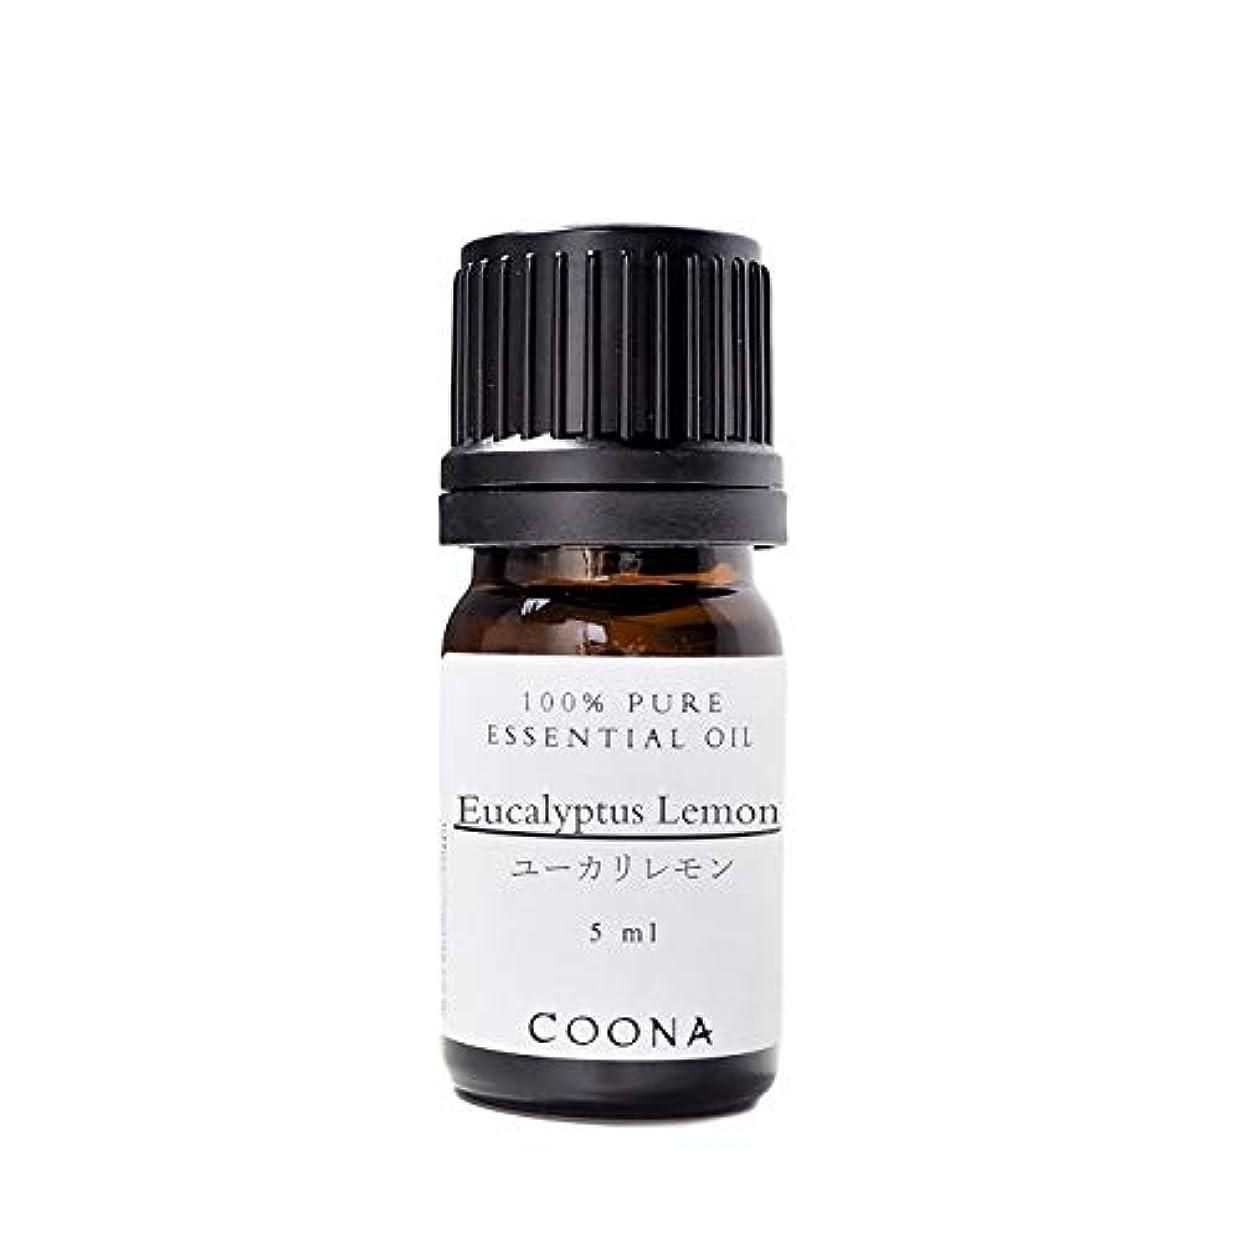 受けるパワーセル迷路ユーカリレモン 5 ml (COONA エッセンシャルオイル アロマオイル 100%天然植物精油)